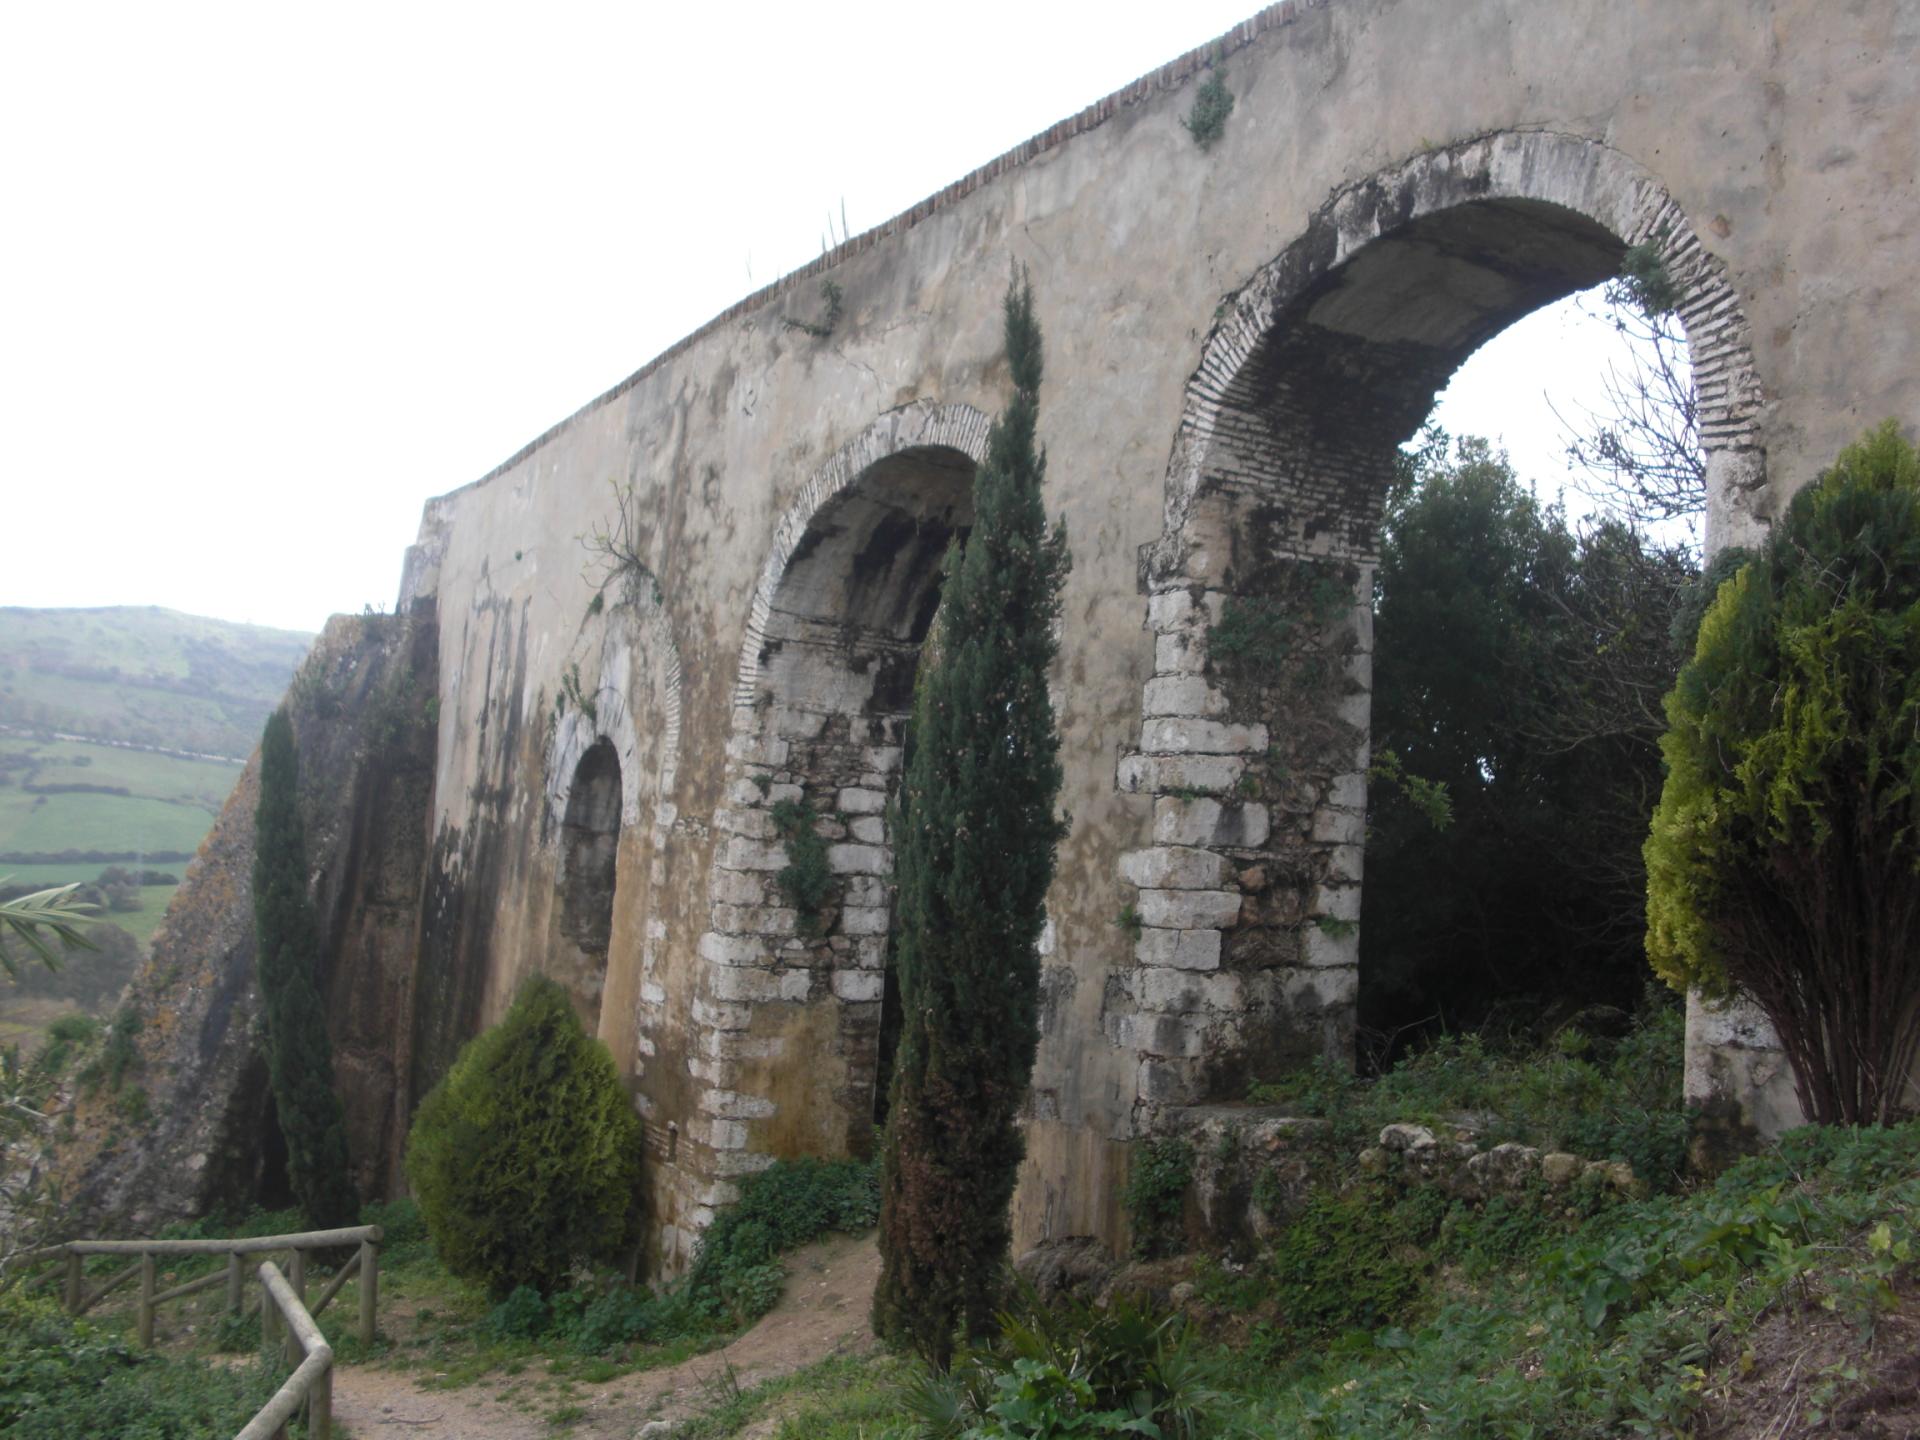 Aqueduct in Santa Lucia